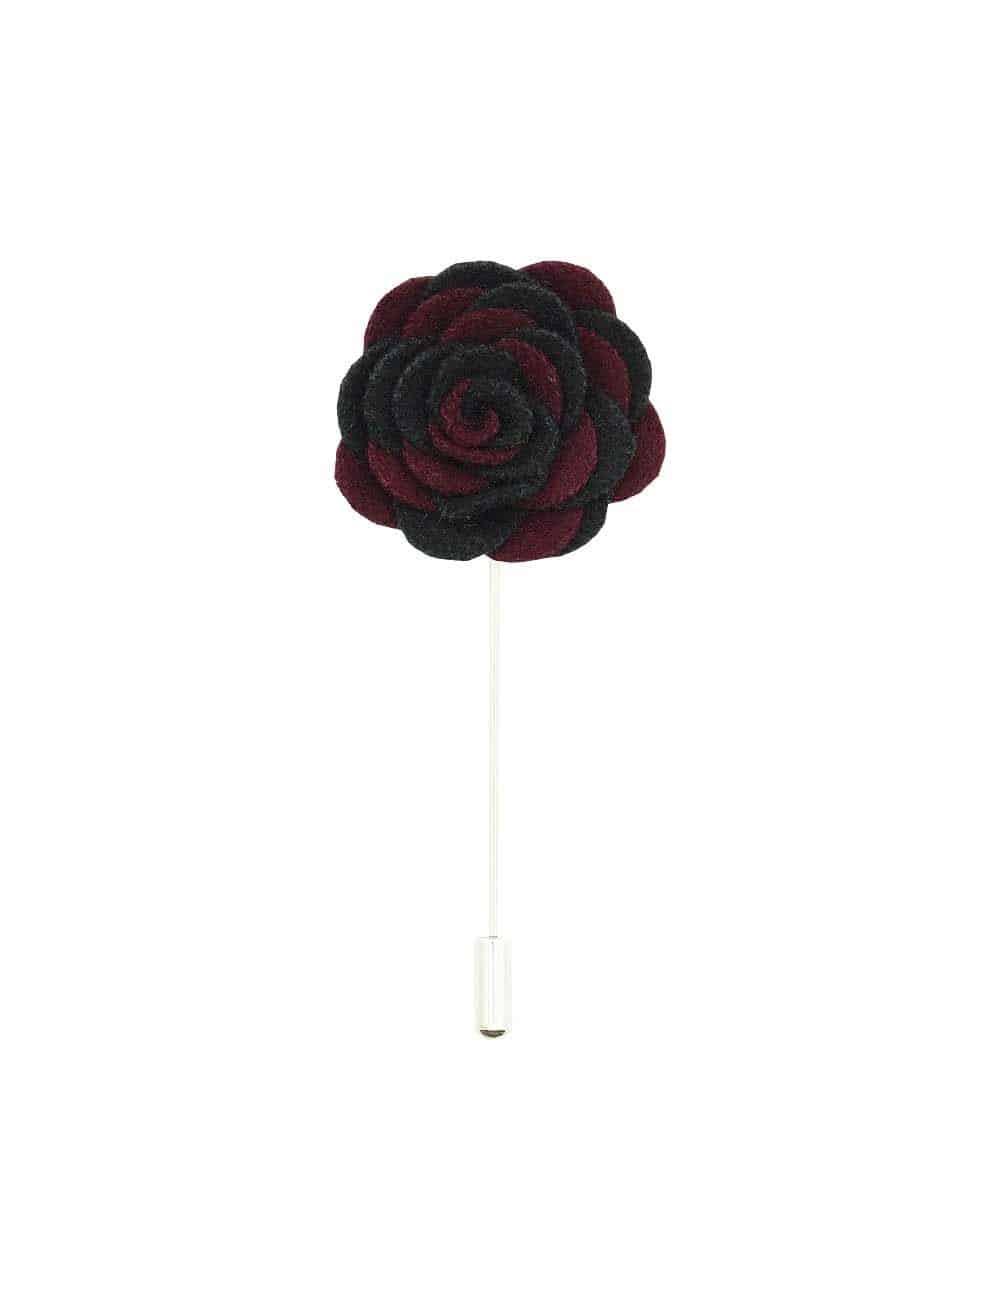 Black & Maroon Felt Rose Lapel Pin LP82.8